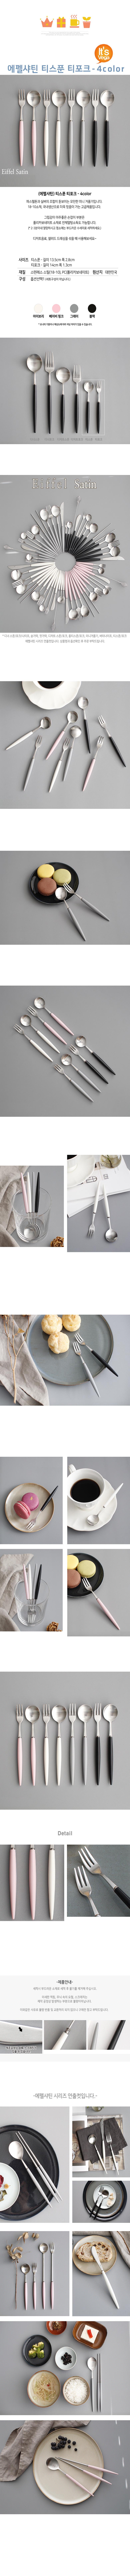 에펠샤틴 티스푼 티포크- 4color - 베가, 6,900원, 숟가락/젓가락/스틱, 숟가락/젓가락 세트